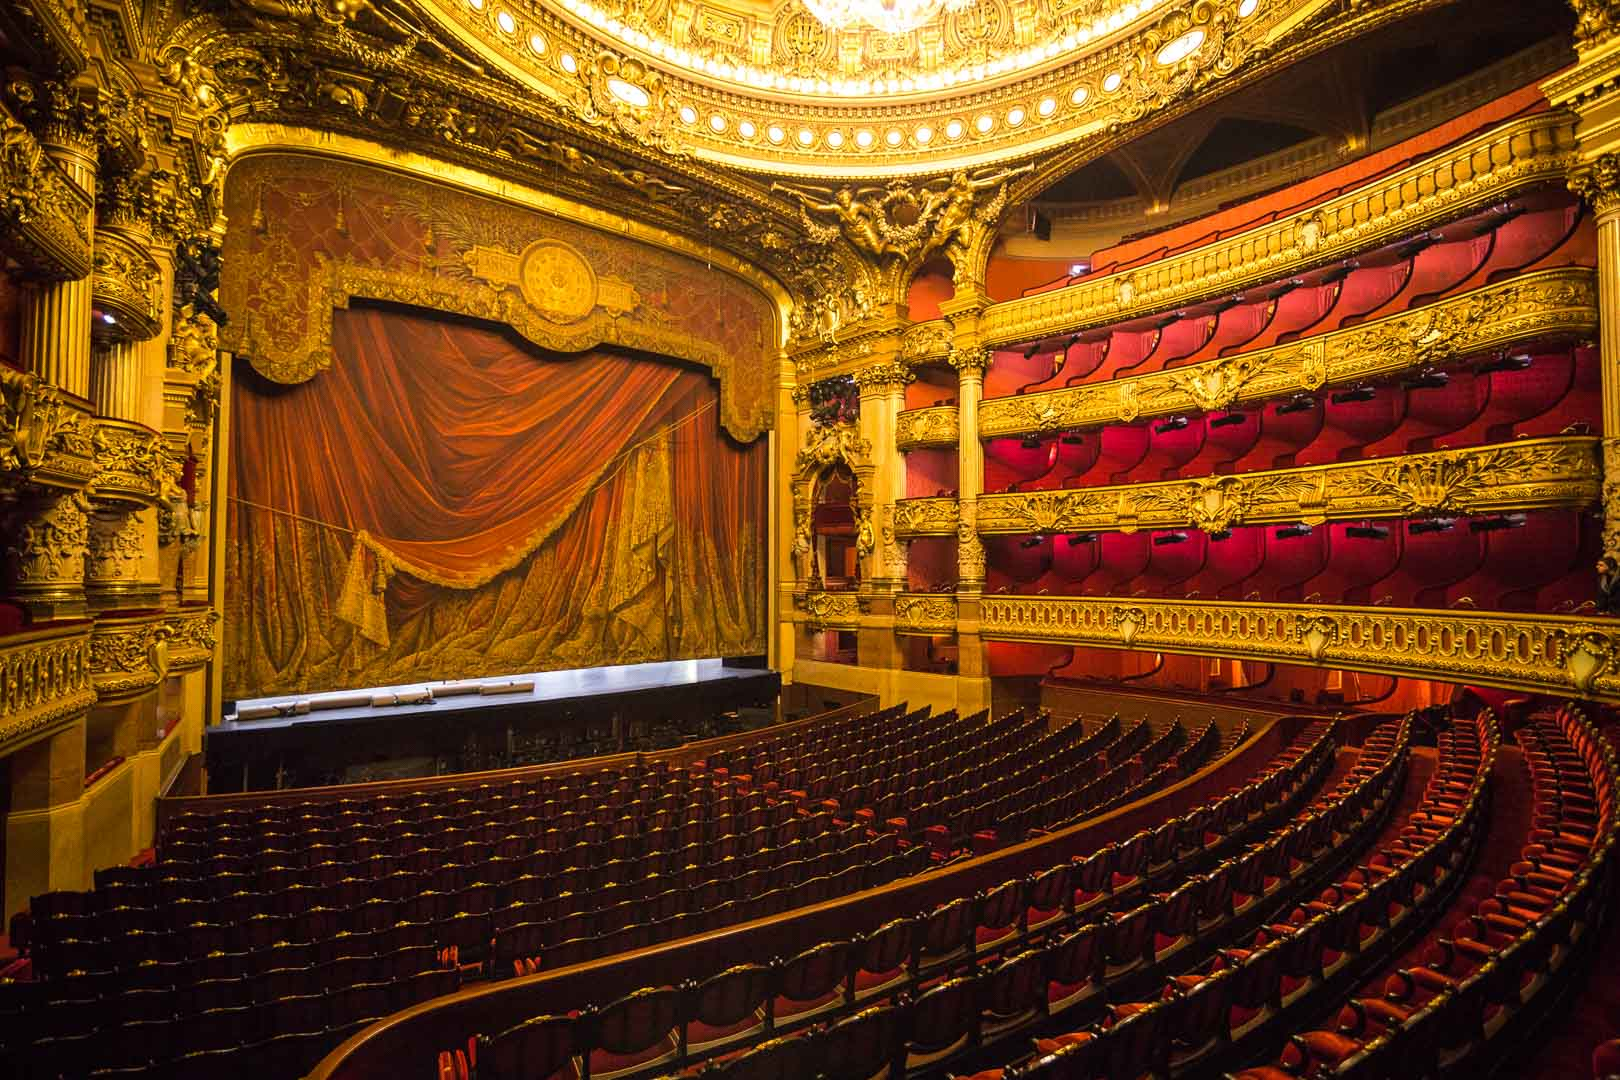 زيارة مسرح الأوبرا داخل القصر